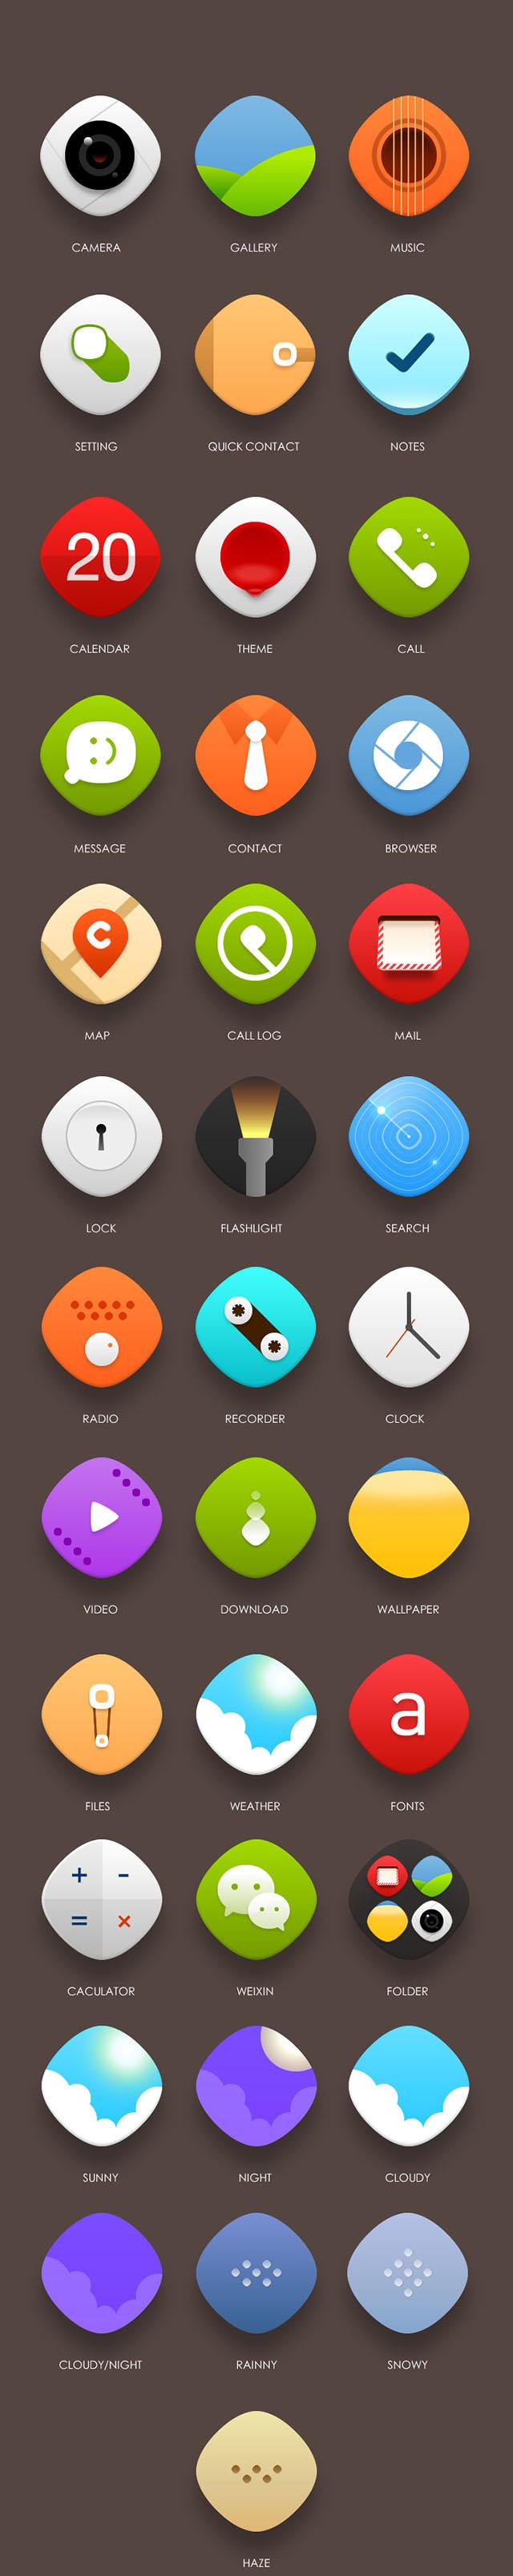 手机UI主题设计2